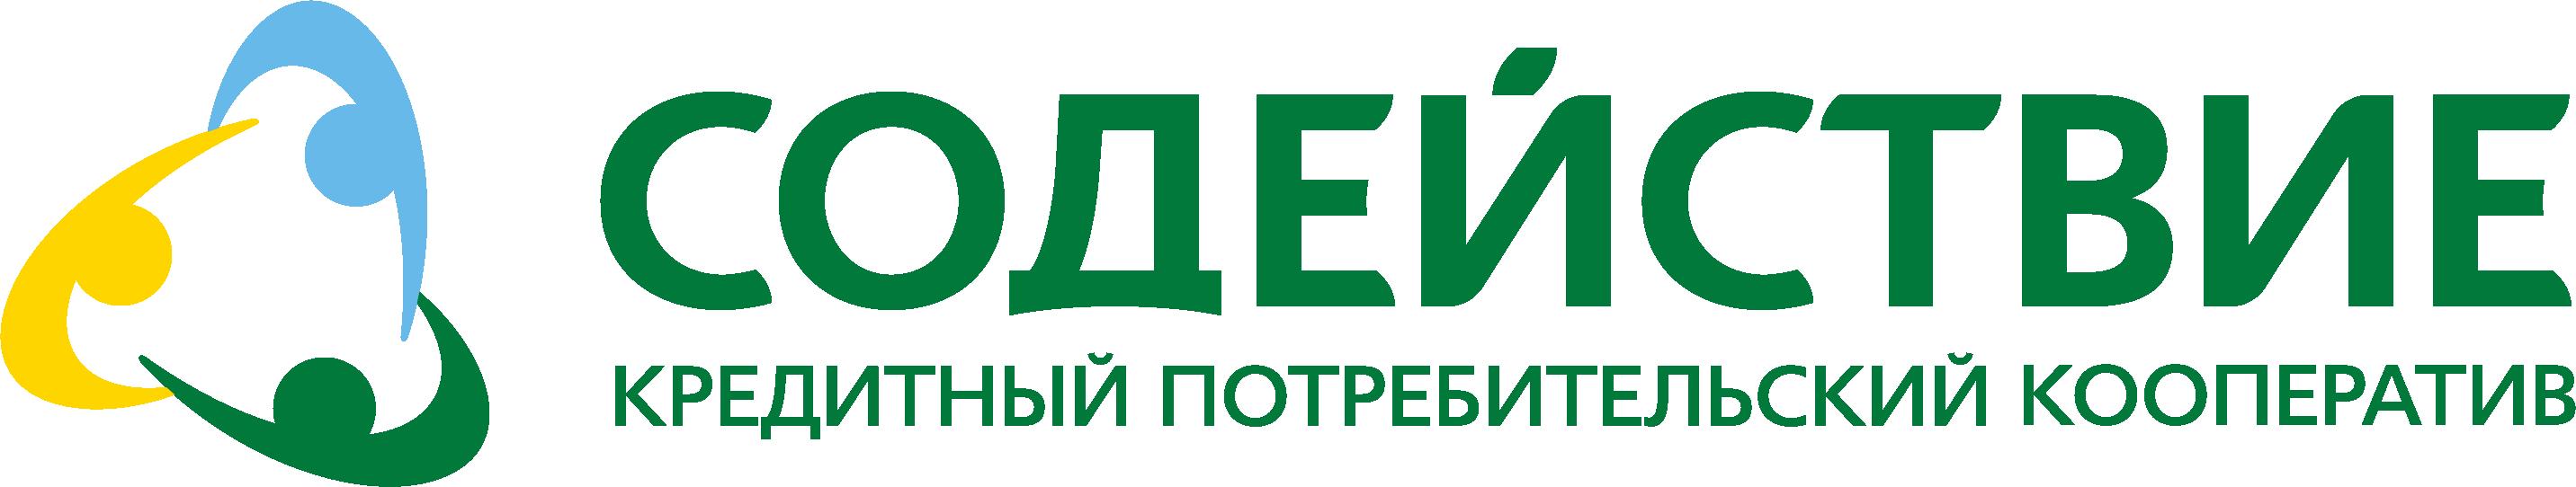 Условия сотрудничества с кредитным потребительским кооперативом «Содействие»